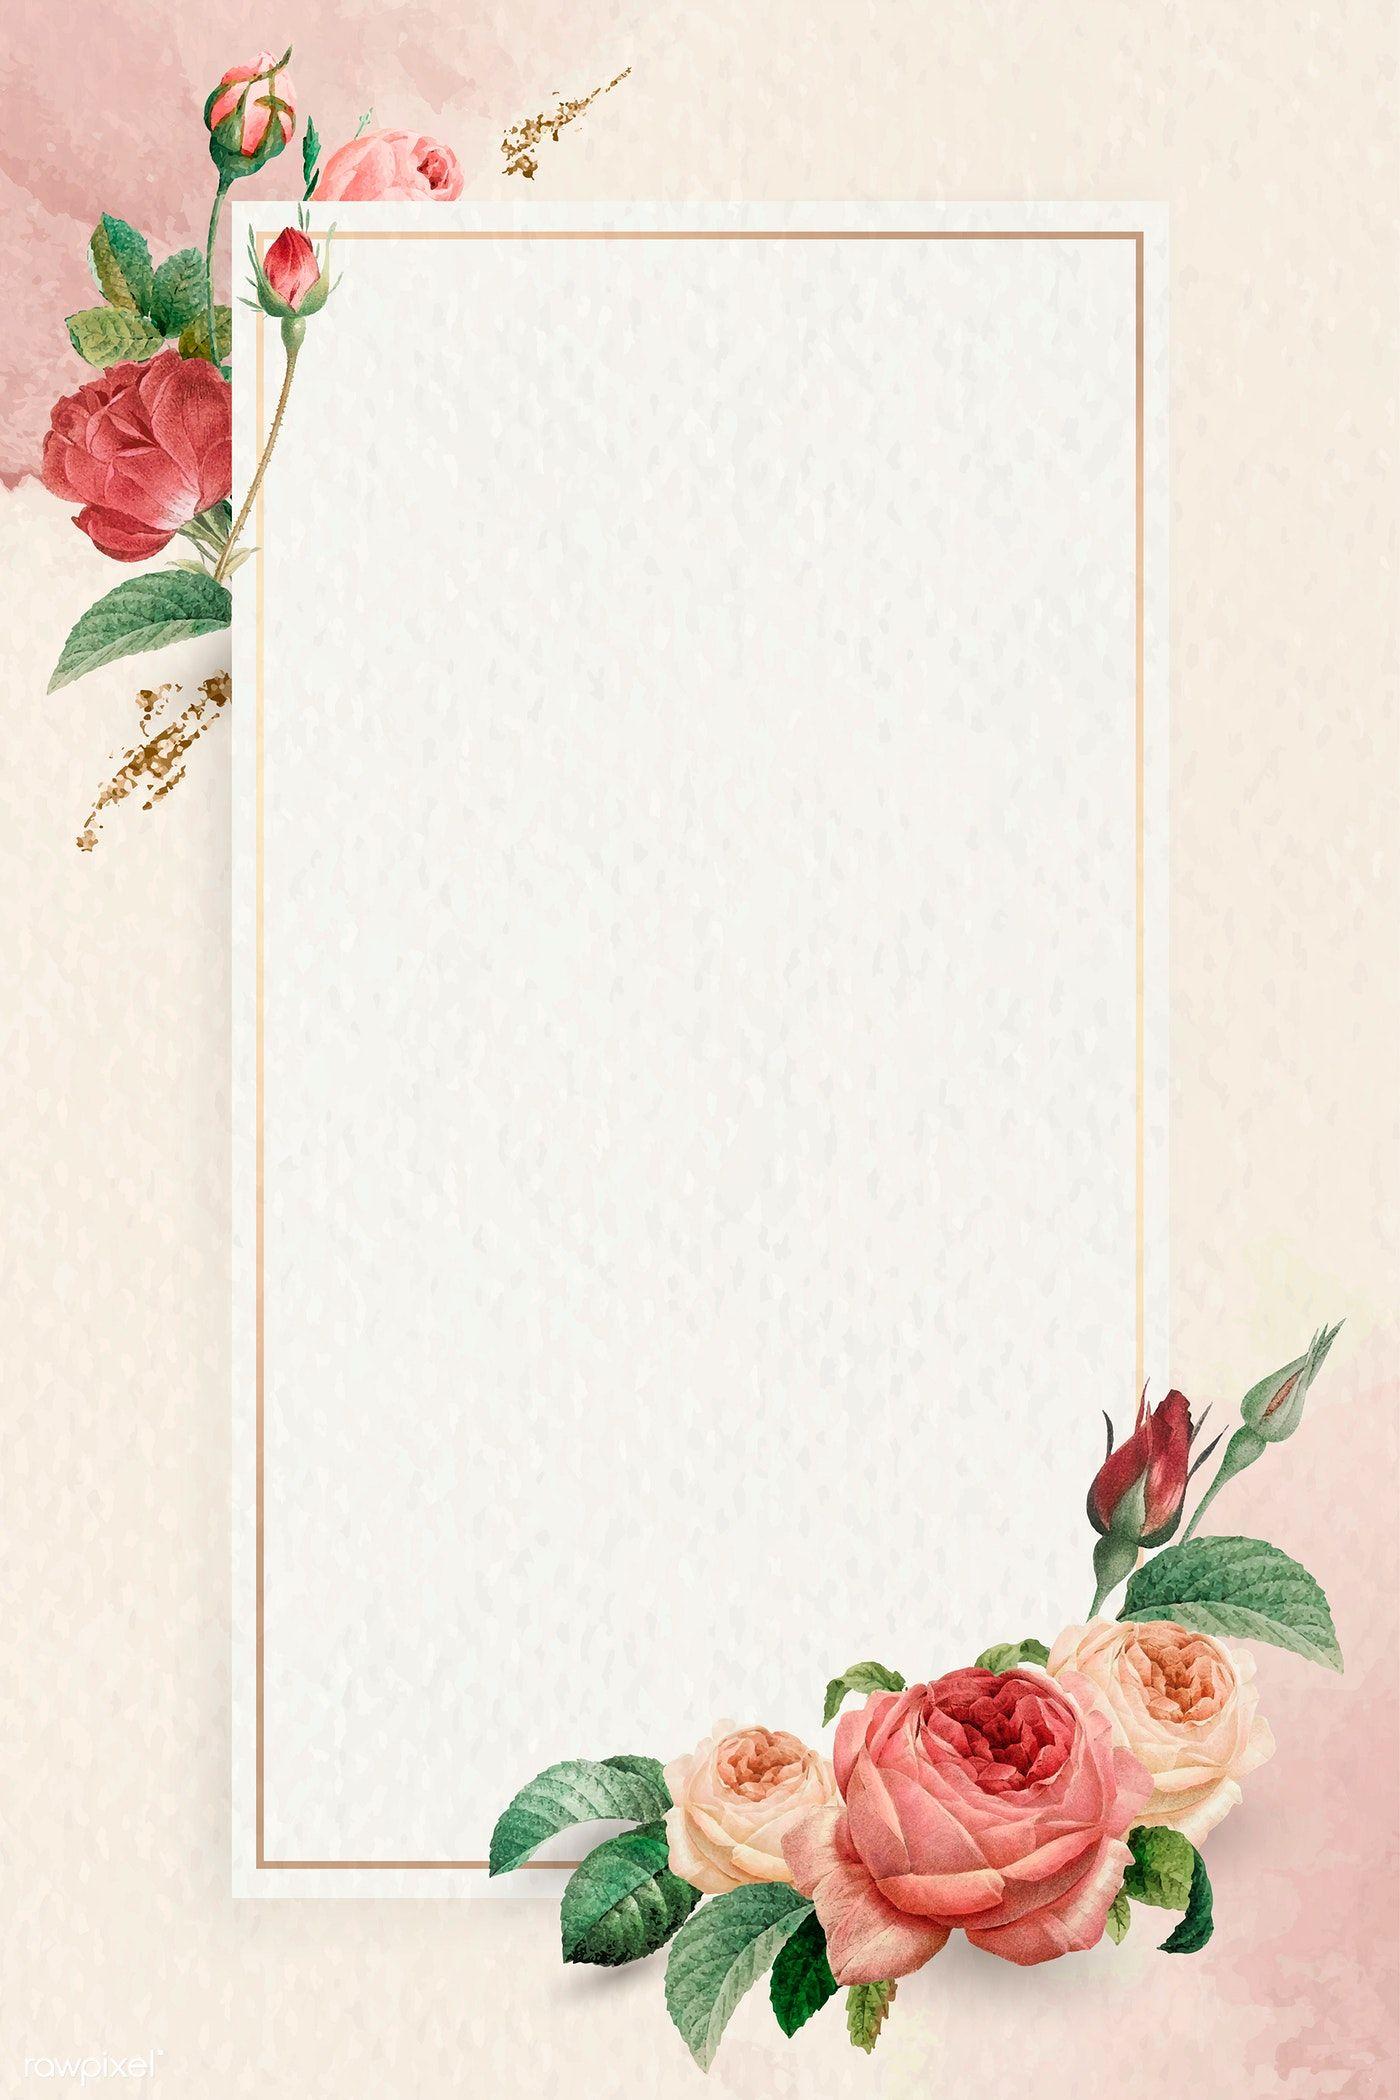 Download Premium Vector Of Floral Rectangle Golden Frame Vector 1212129 Flower Illustration Flower Frame Frame Border Design